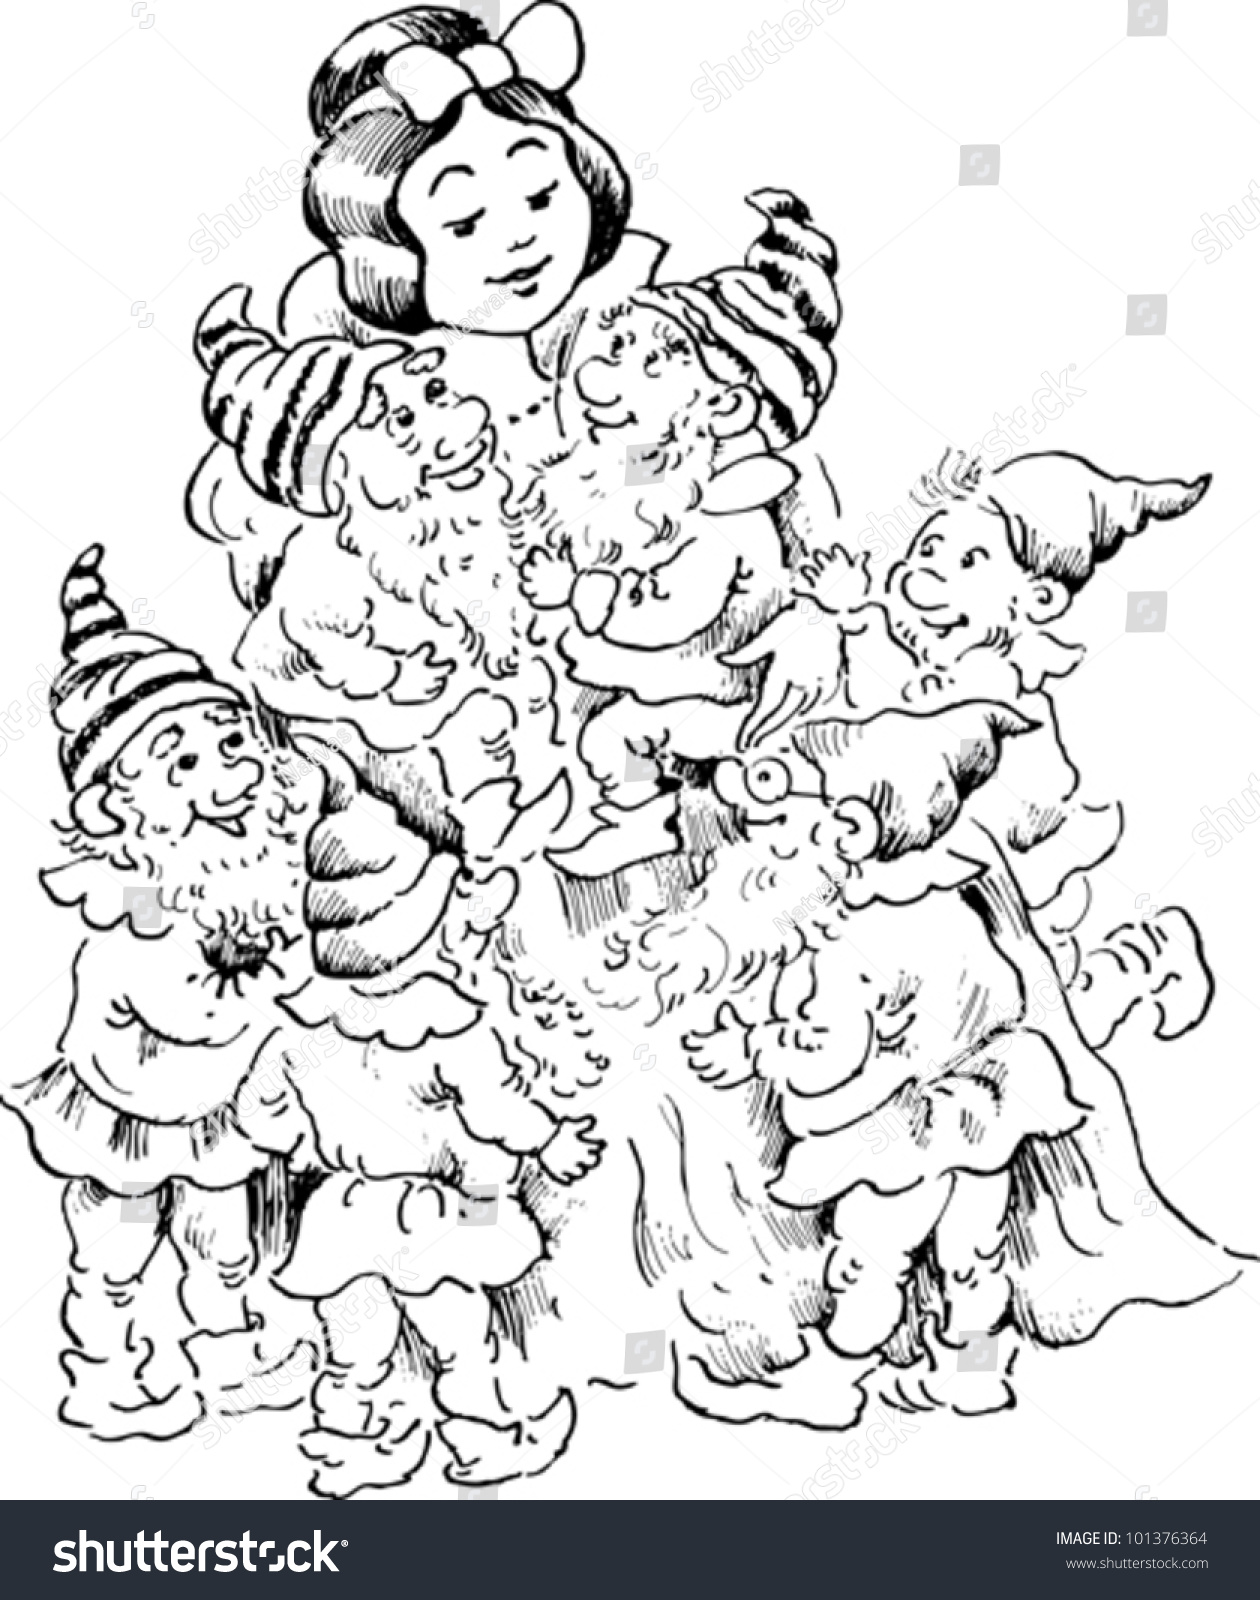 snow white seven dwarfs stock vector 101376364 shutterstock